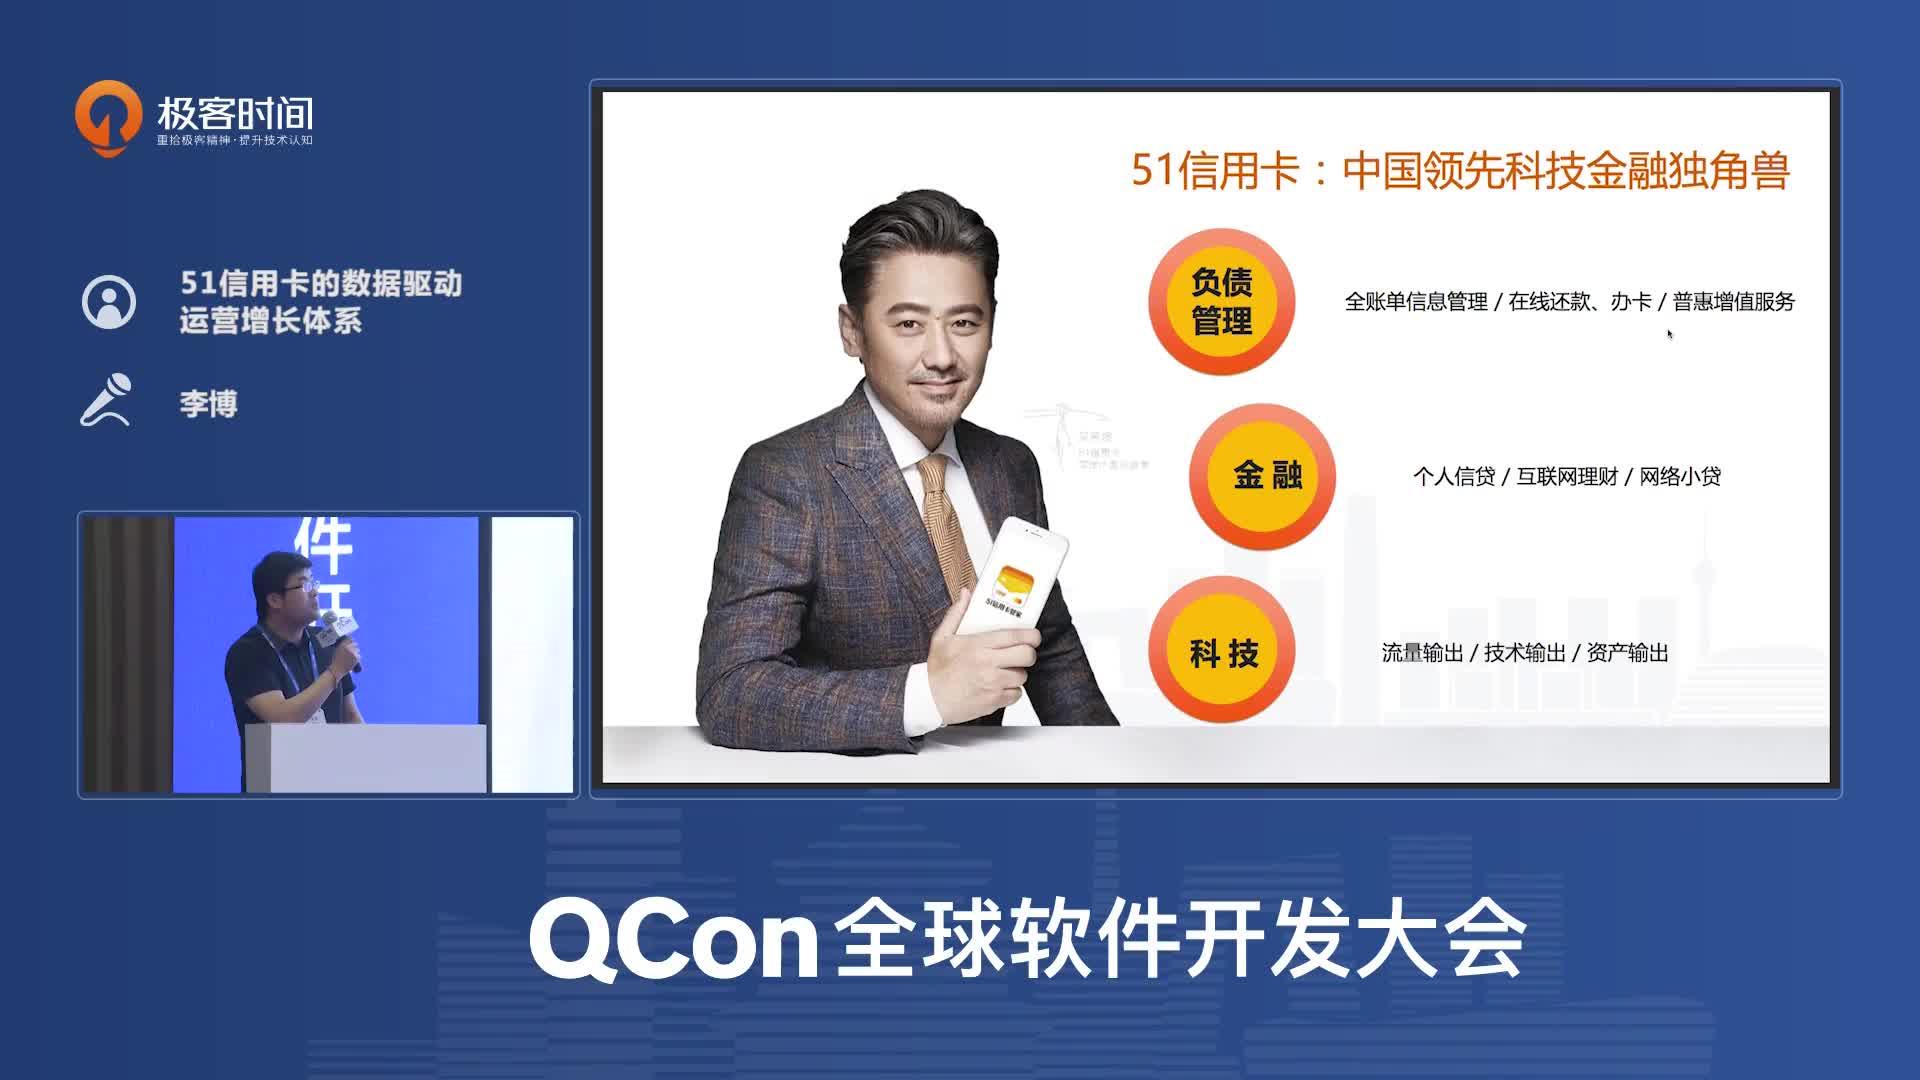 51信用卡的数据驱动运营增长体系丨QCon